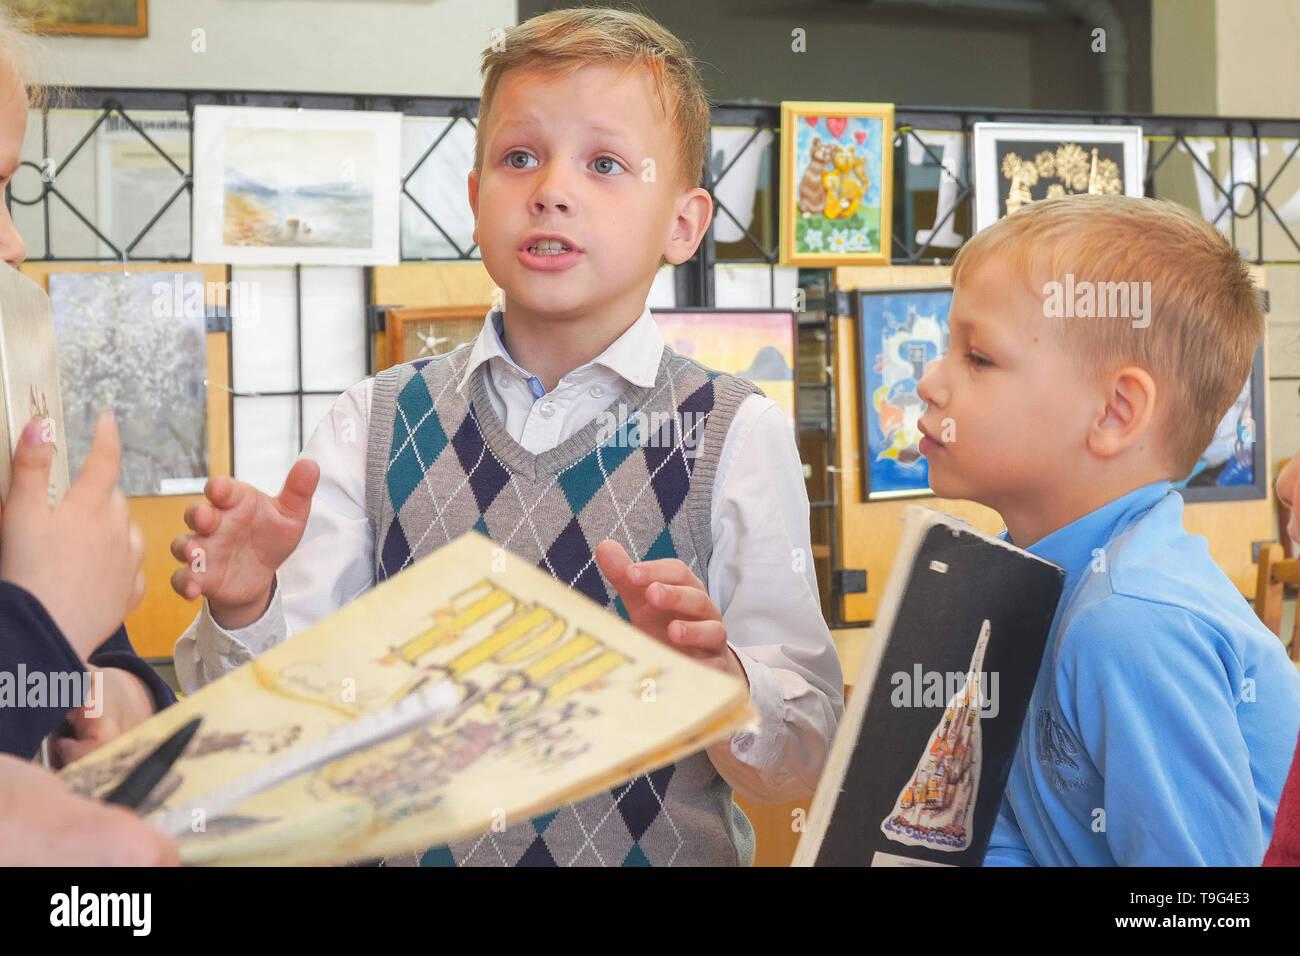 Volksschule Kursteilnehmer erklärt emotional ein Heimarbeit oder Geschichte Stockbild